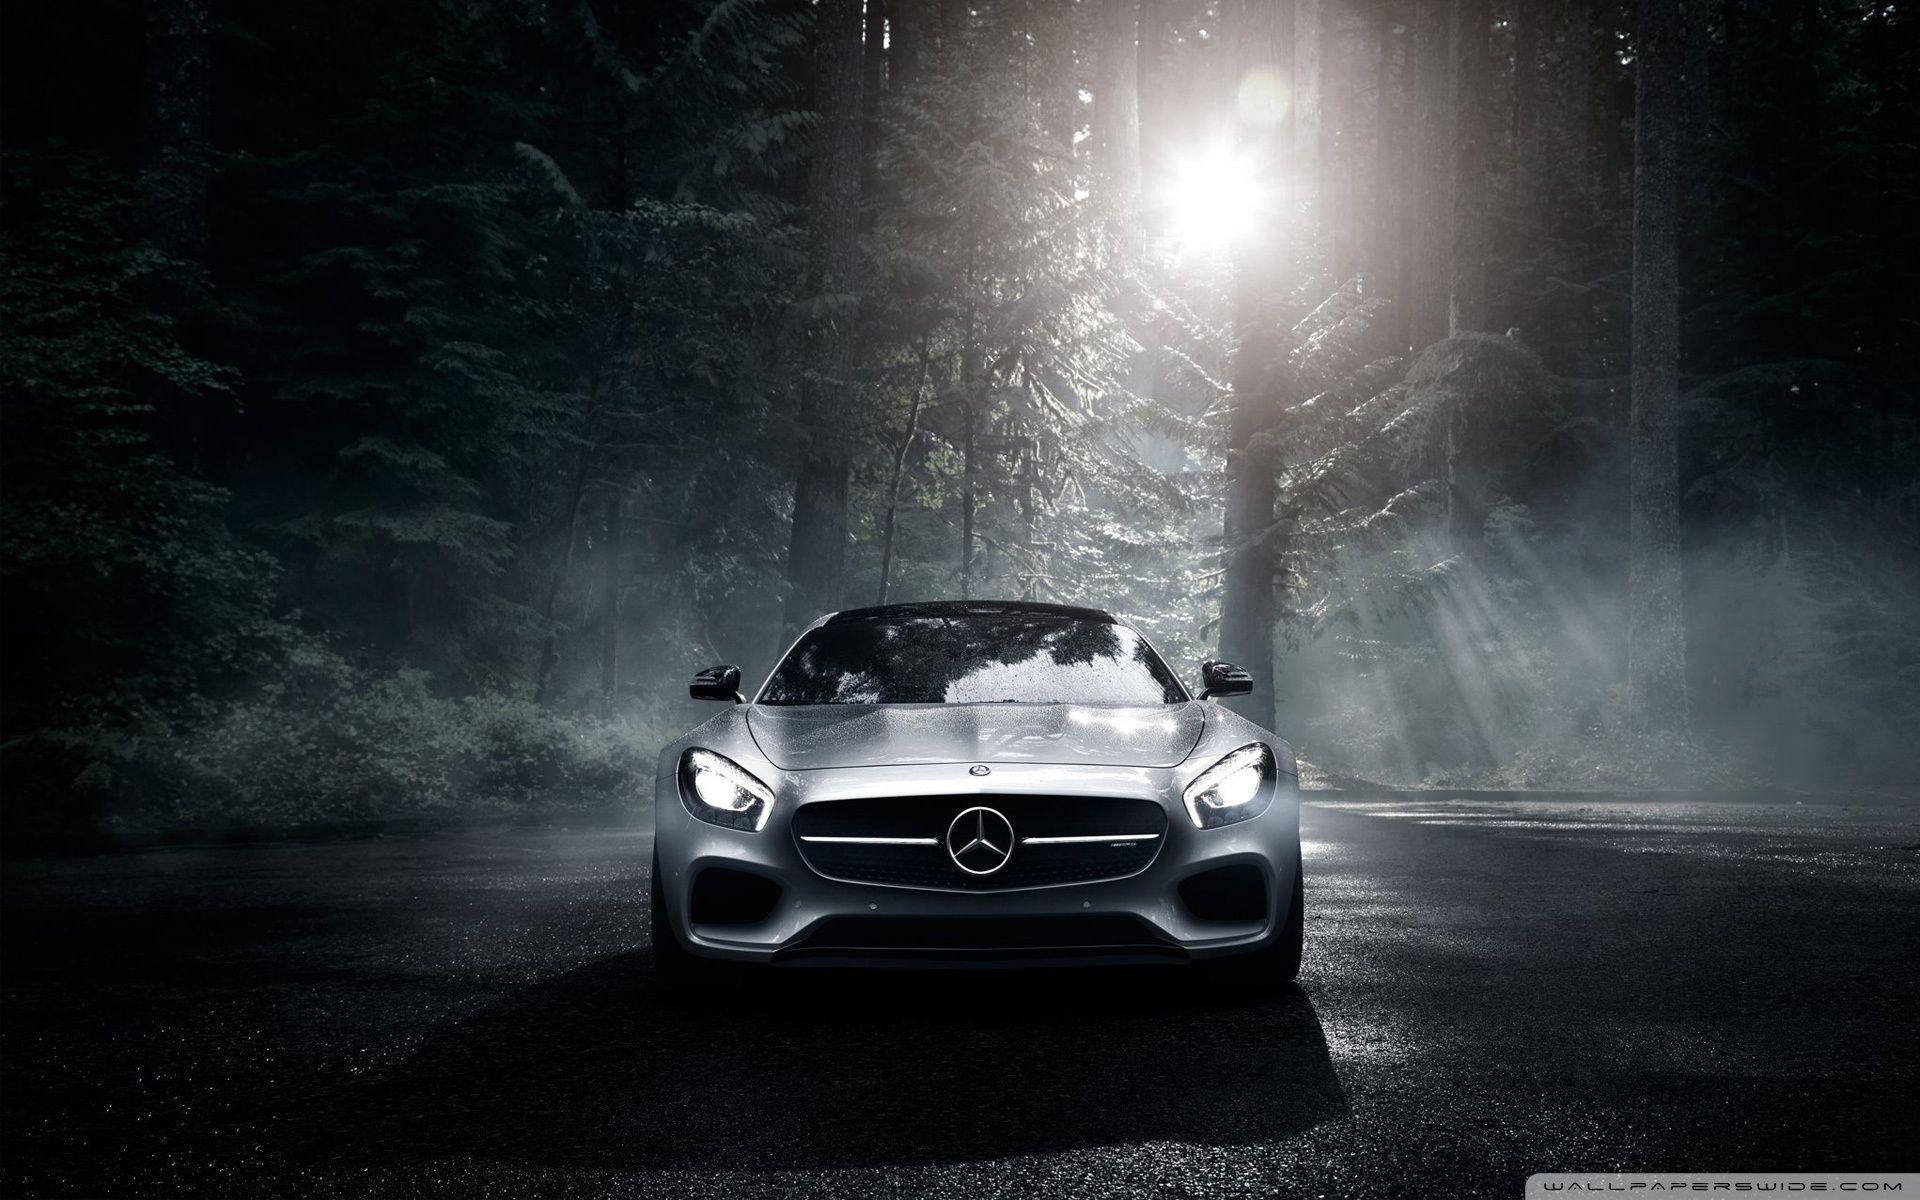 Mercedes Benz Hd Wallpapers Top Free Mercedes Benz Hd